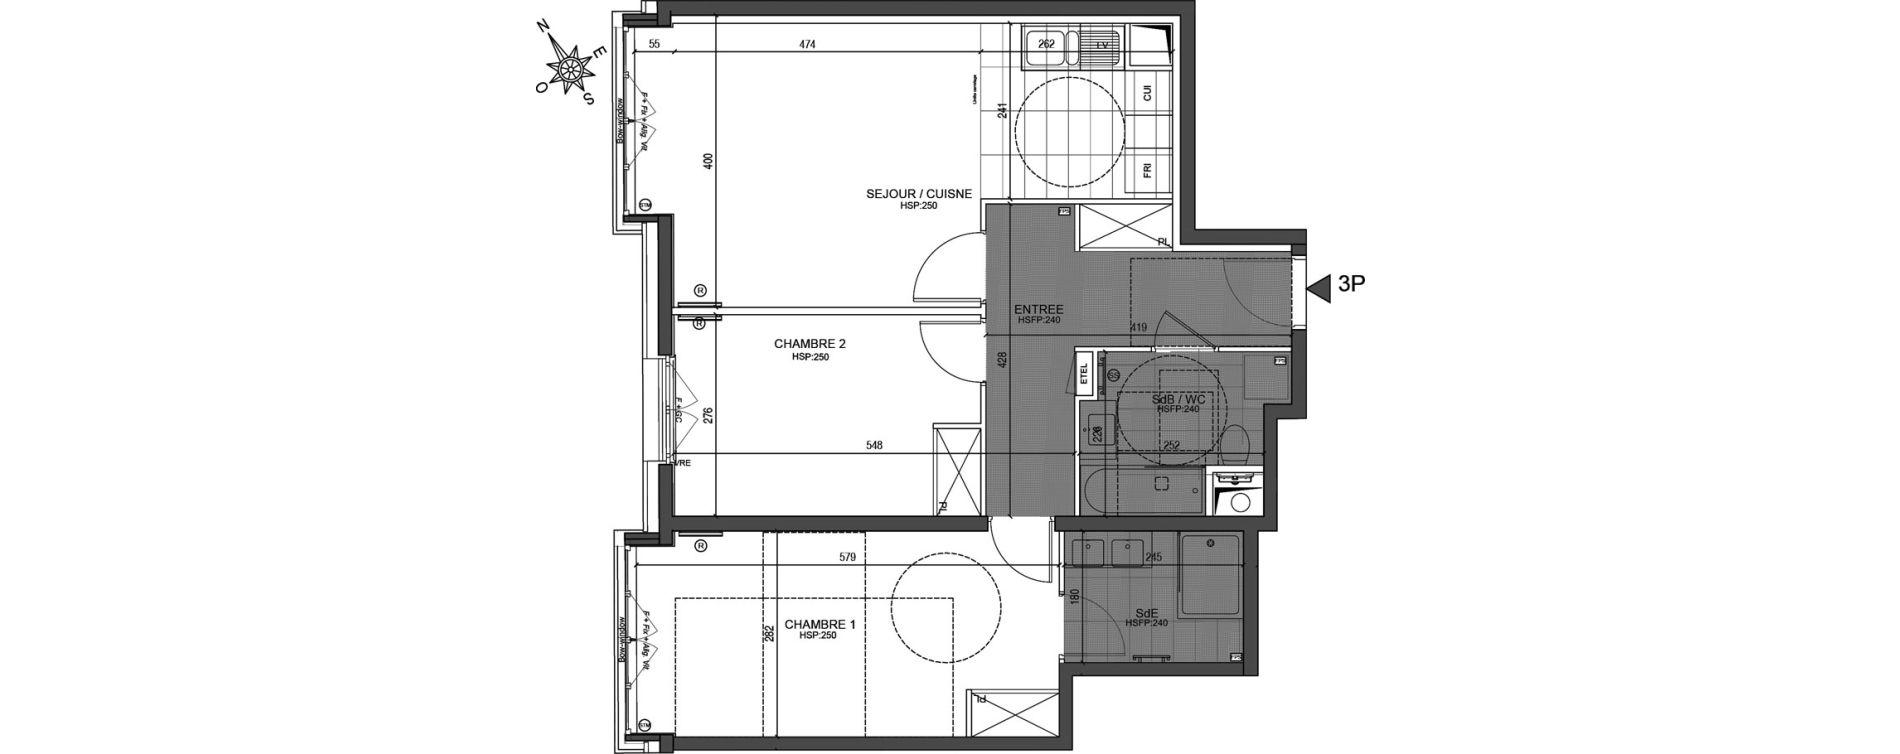 Appartement T3 de 70,02 m2 à Neuilly-Sur-Seine Centre